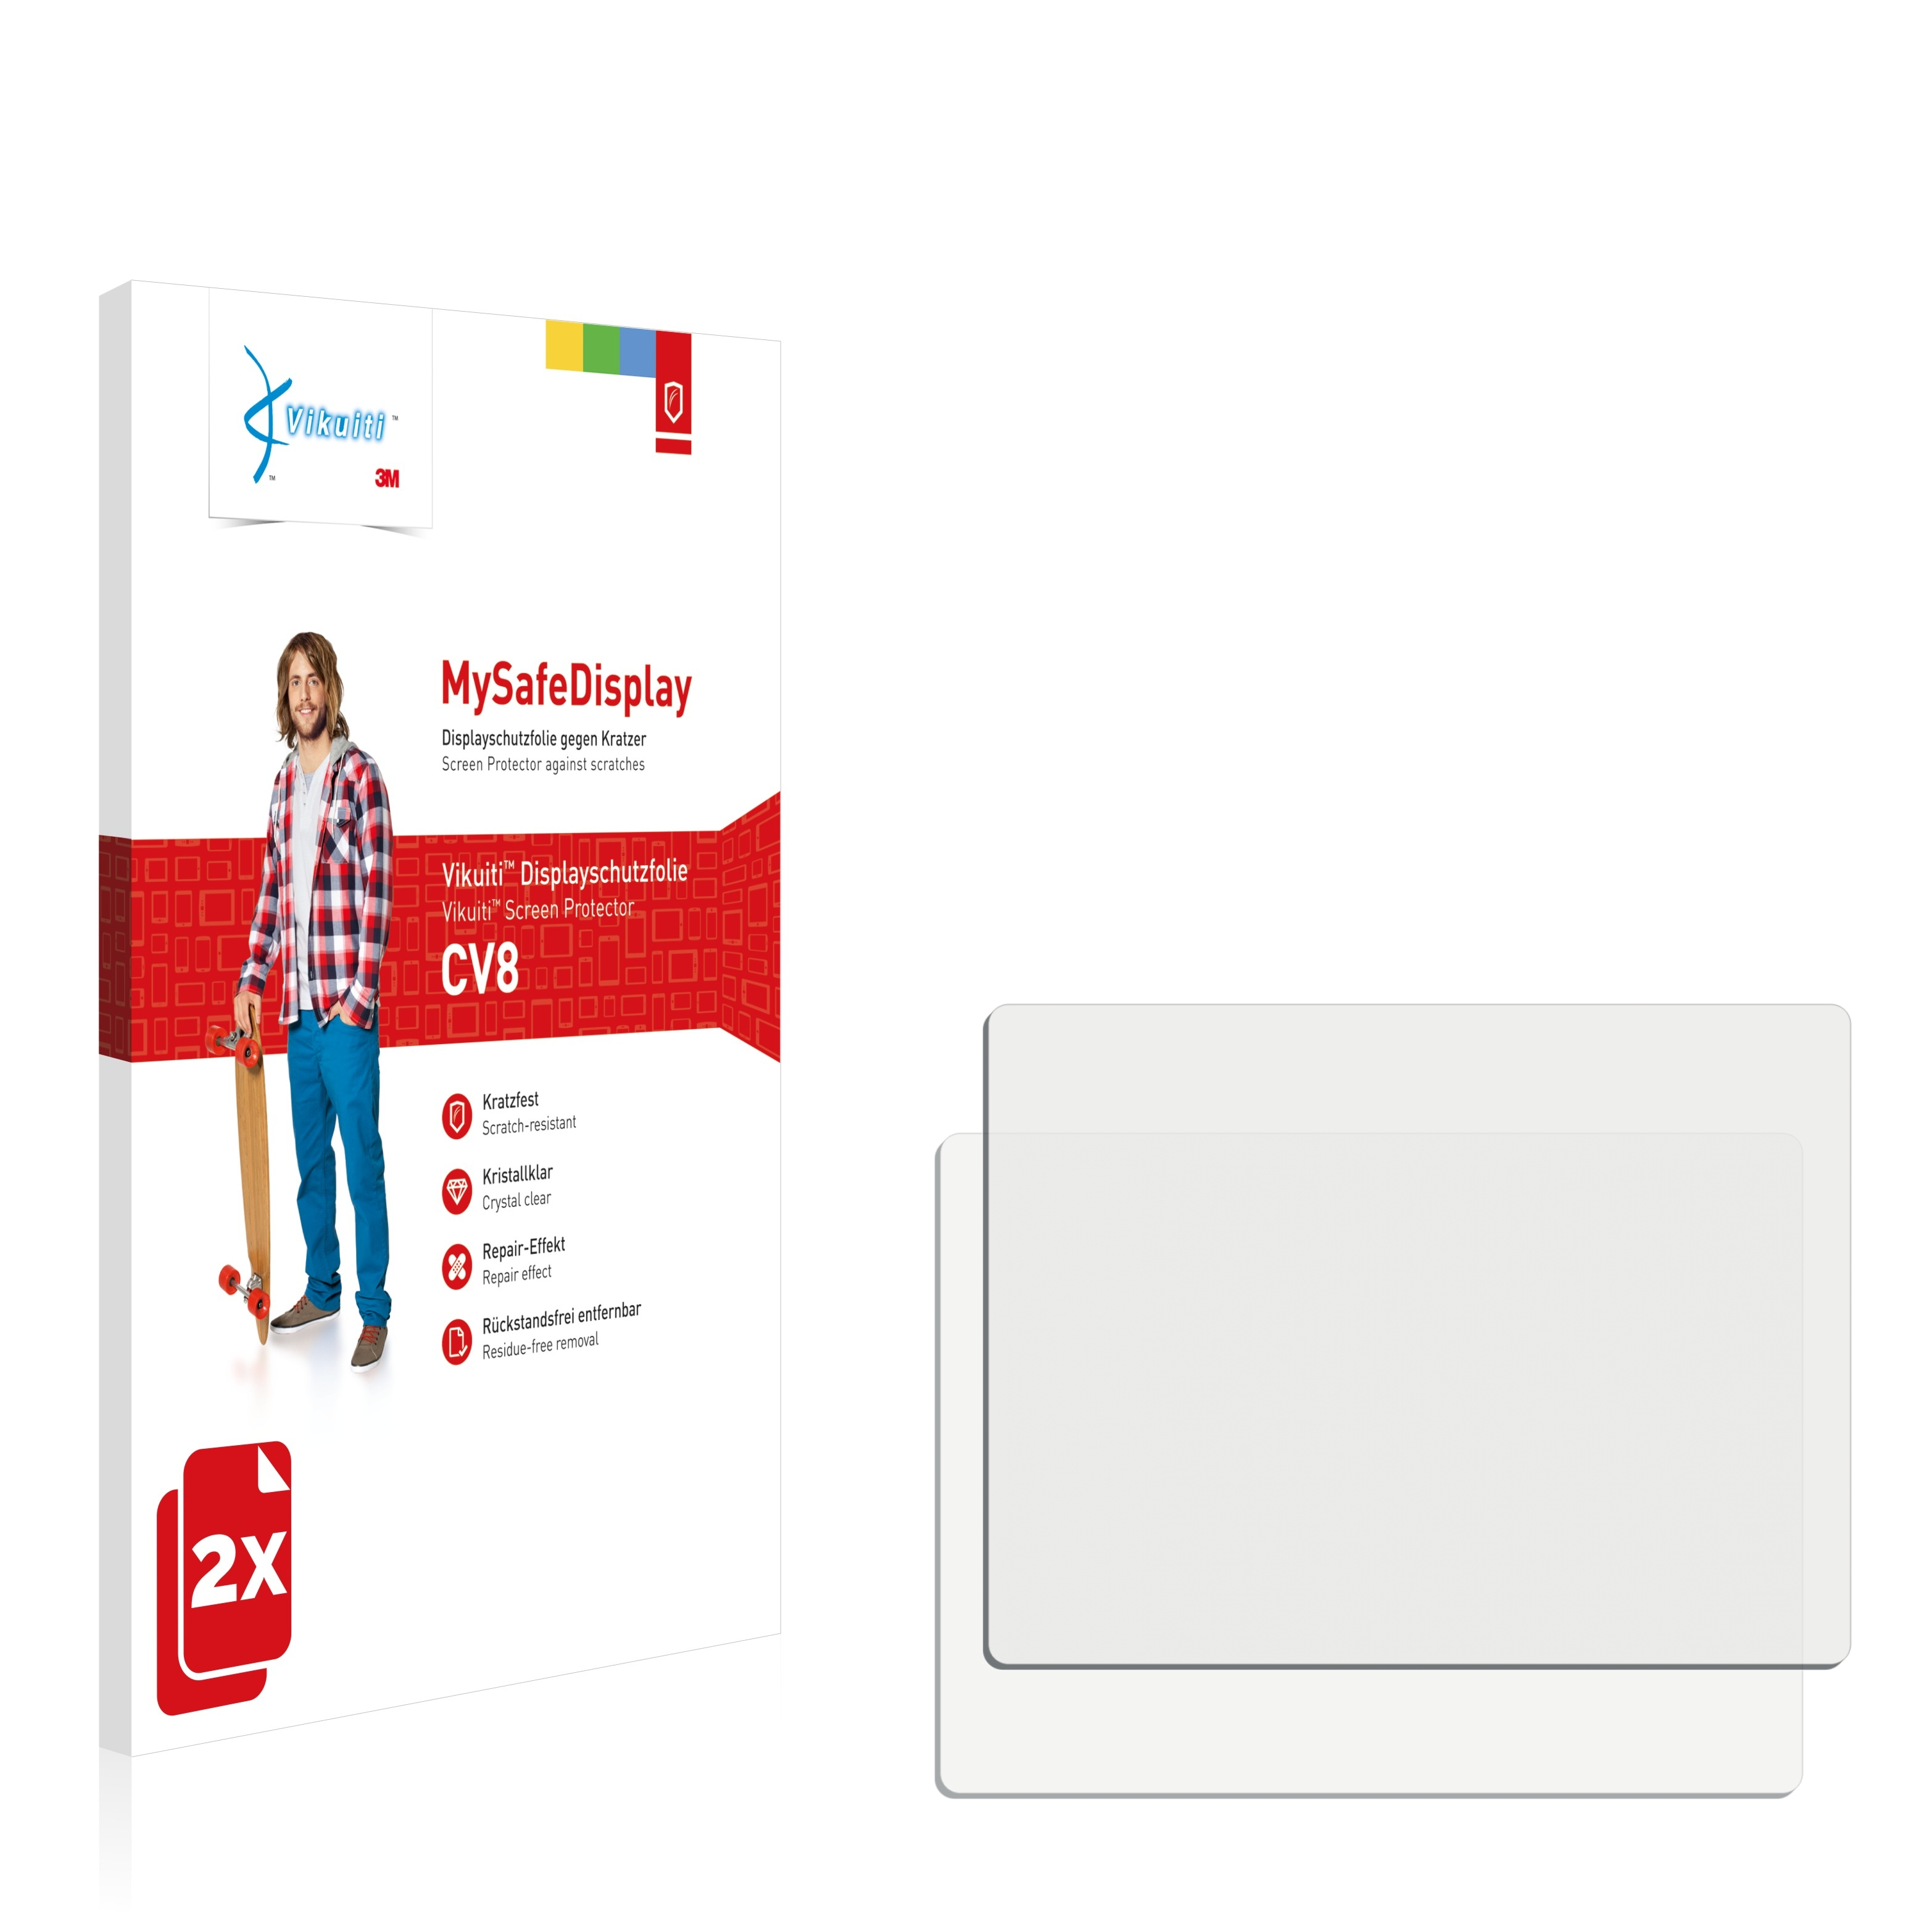 Ochranná fólie CV8 od 3M pro Alcatel One Touch OT-799, 2ks